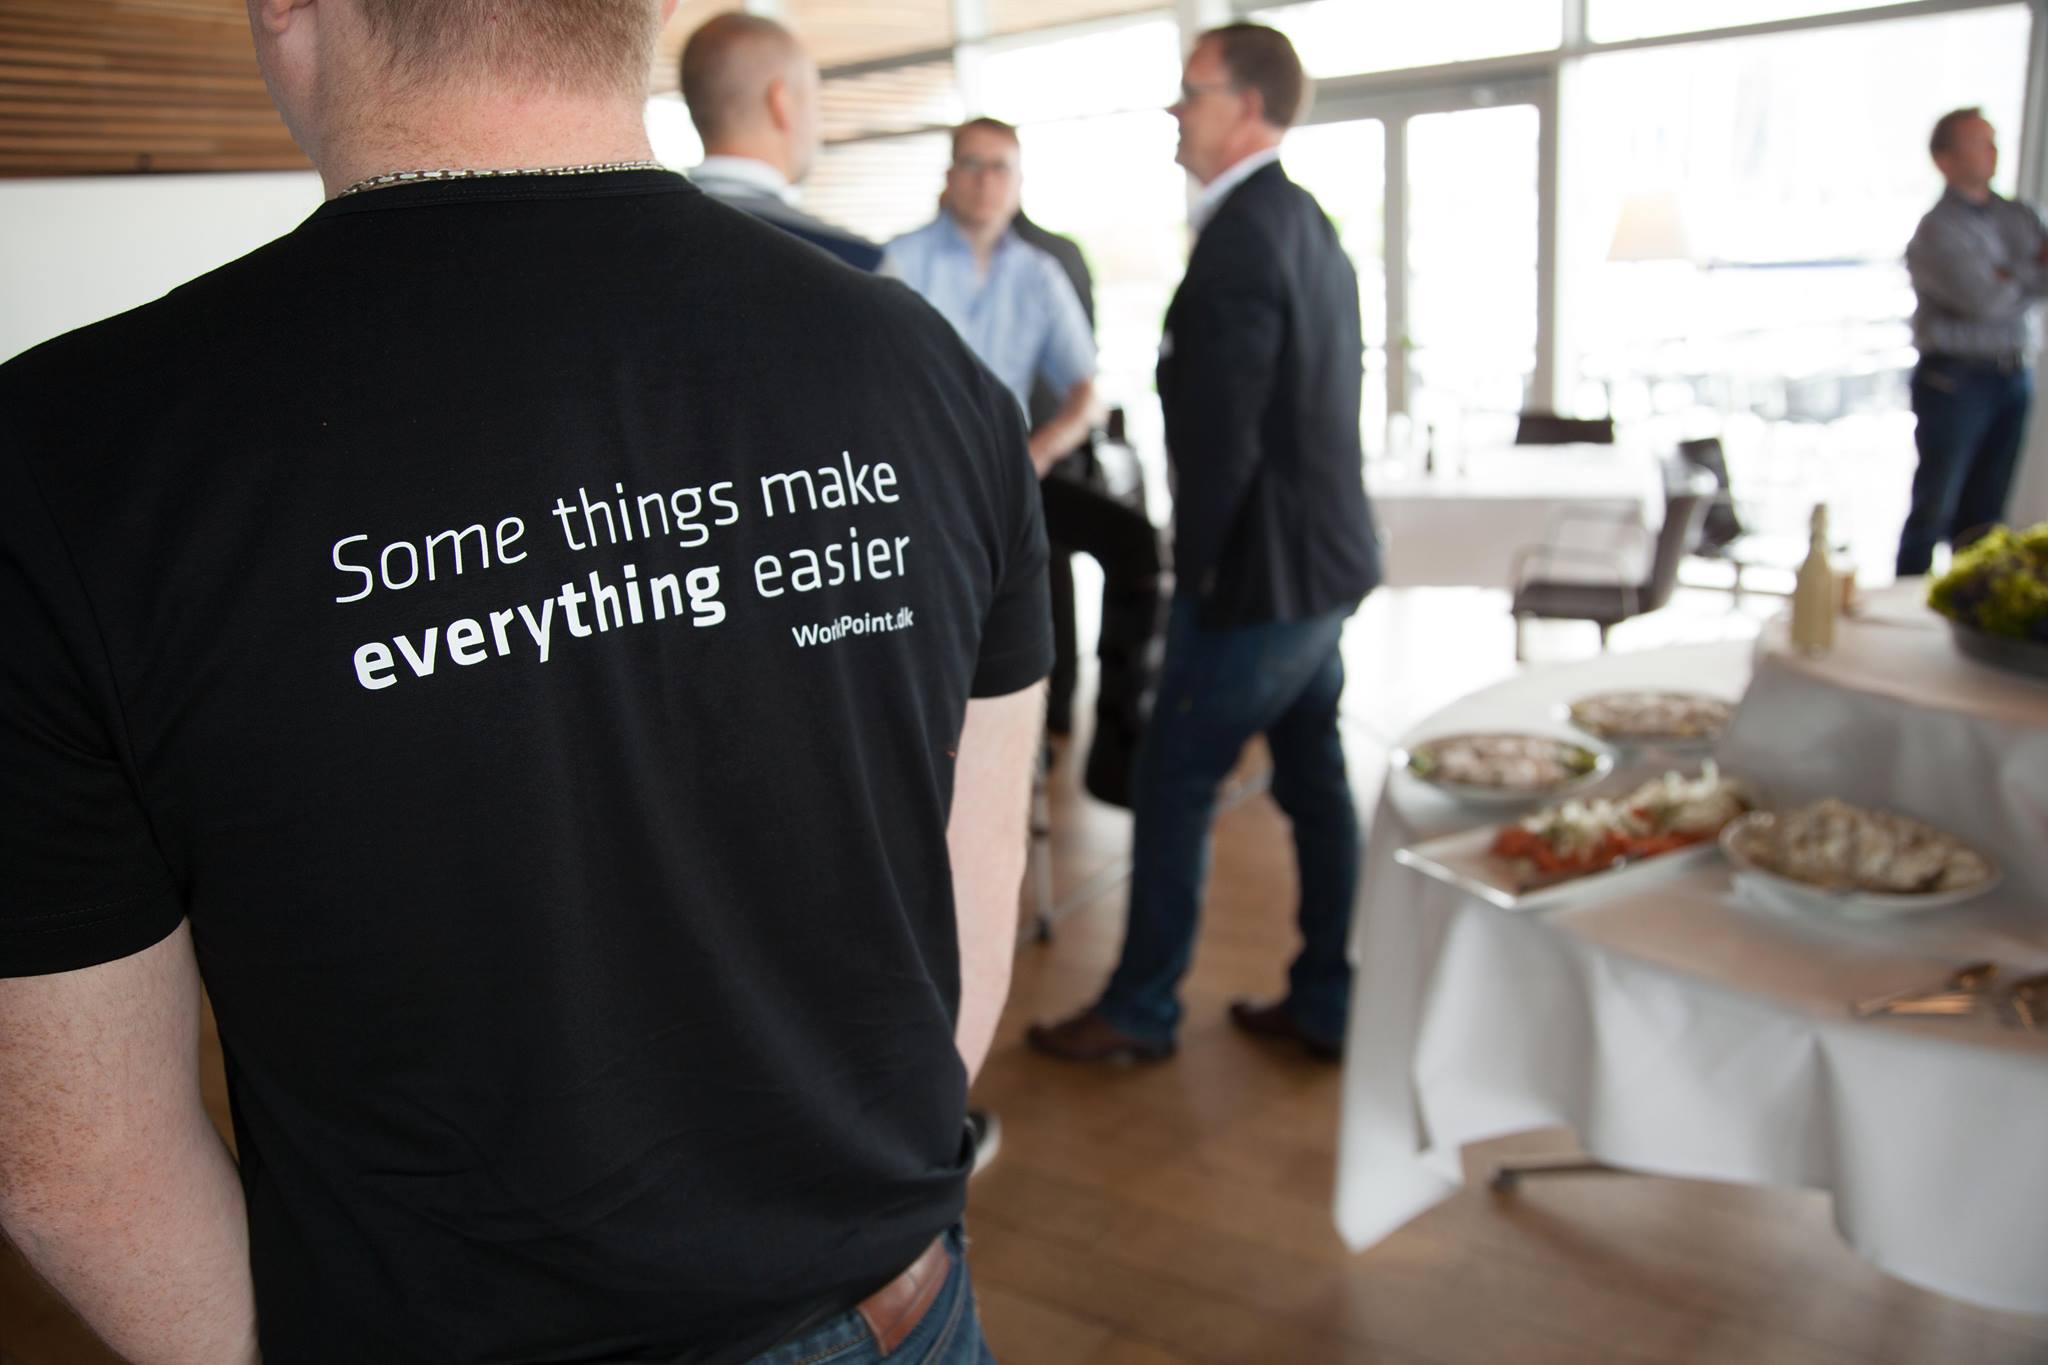 WorkPoint slogan